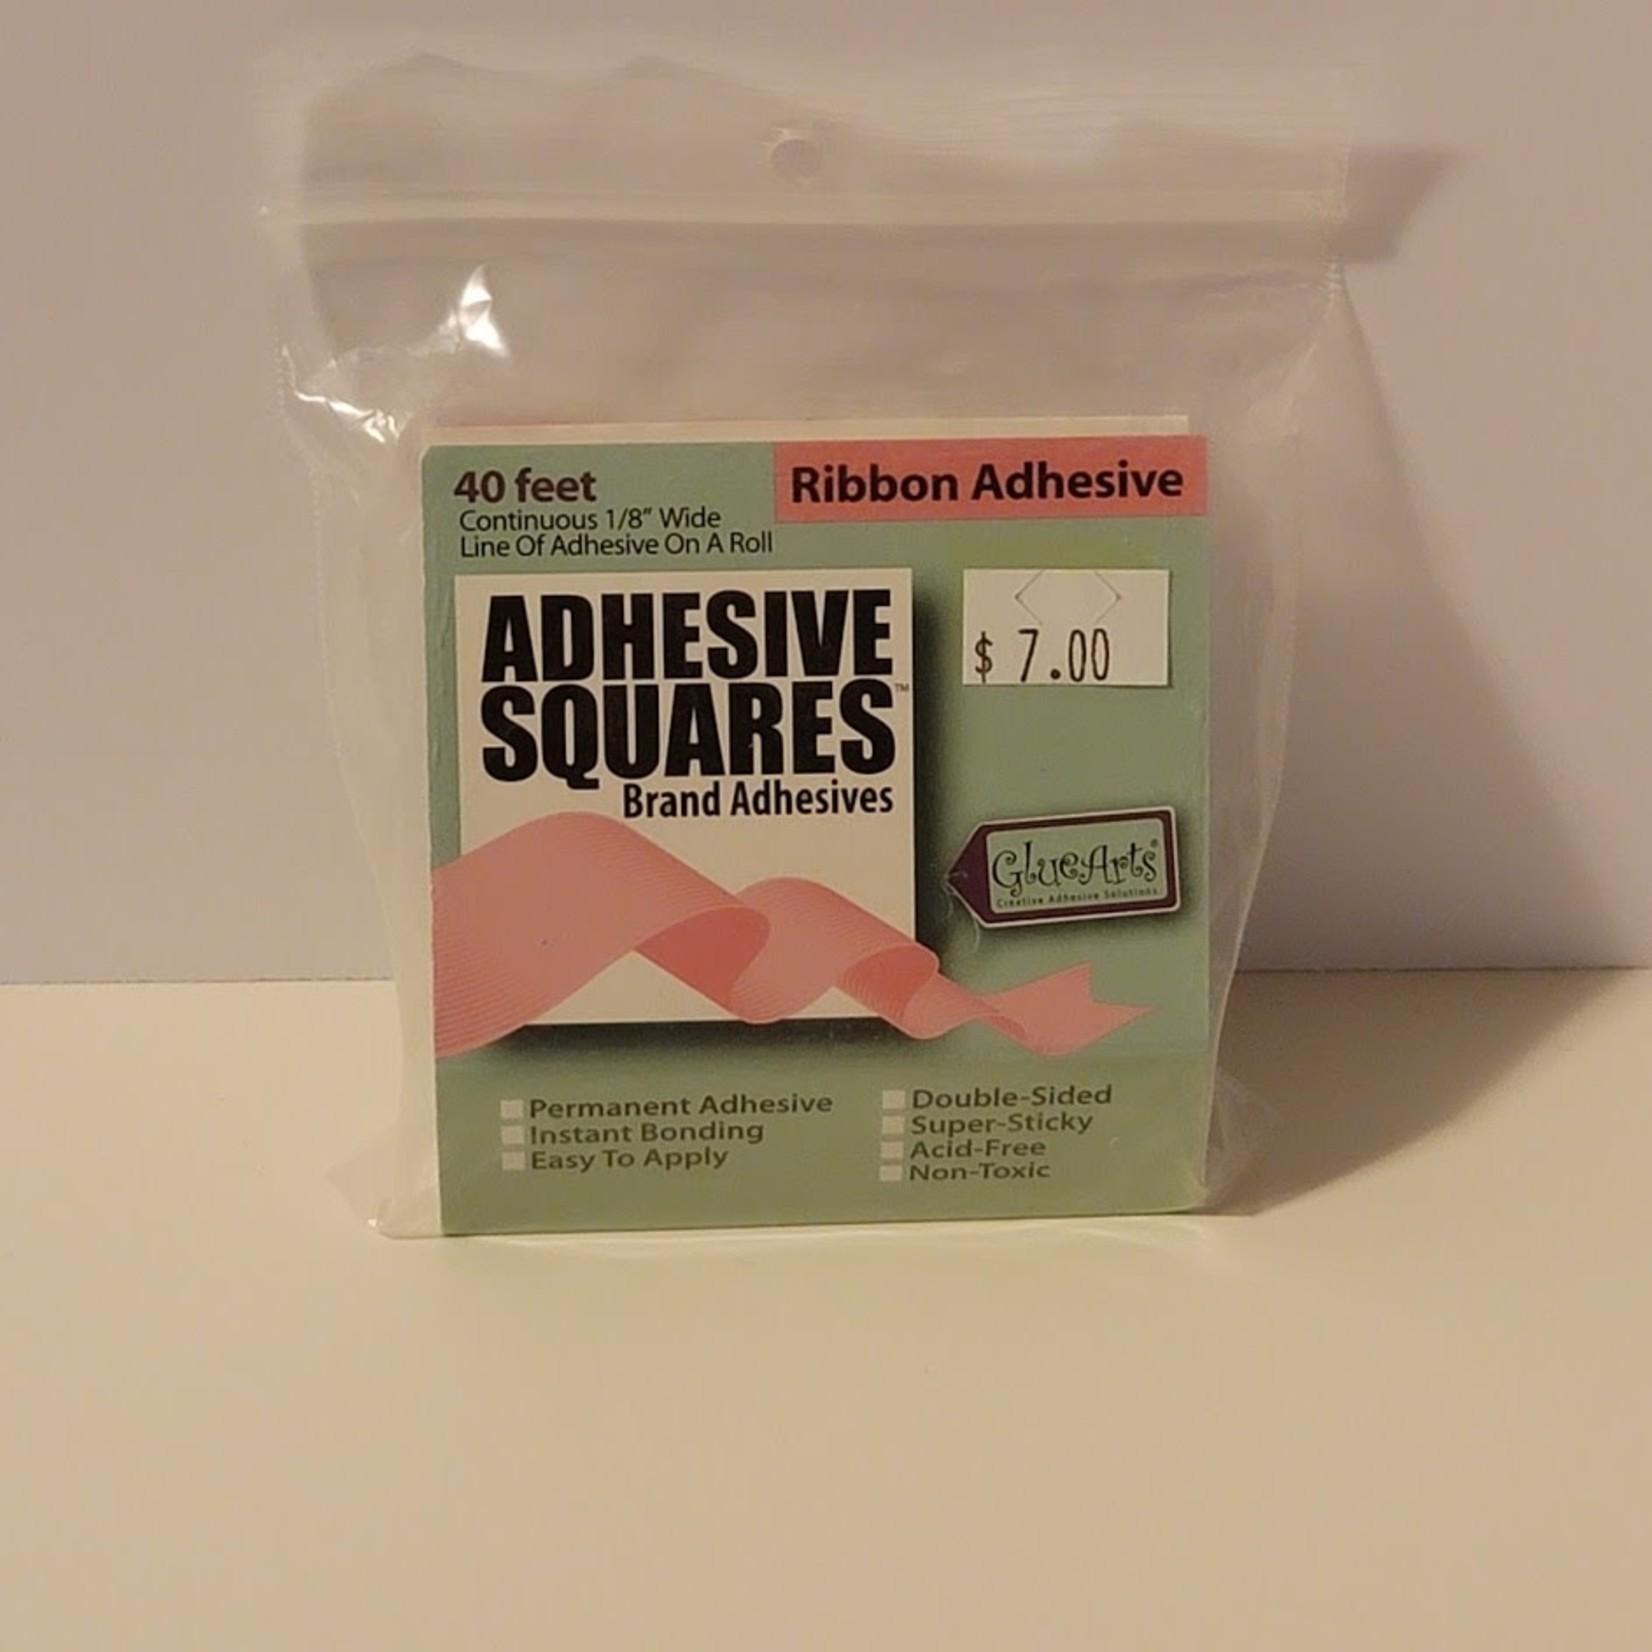 Ribbon Adhesive